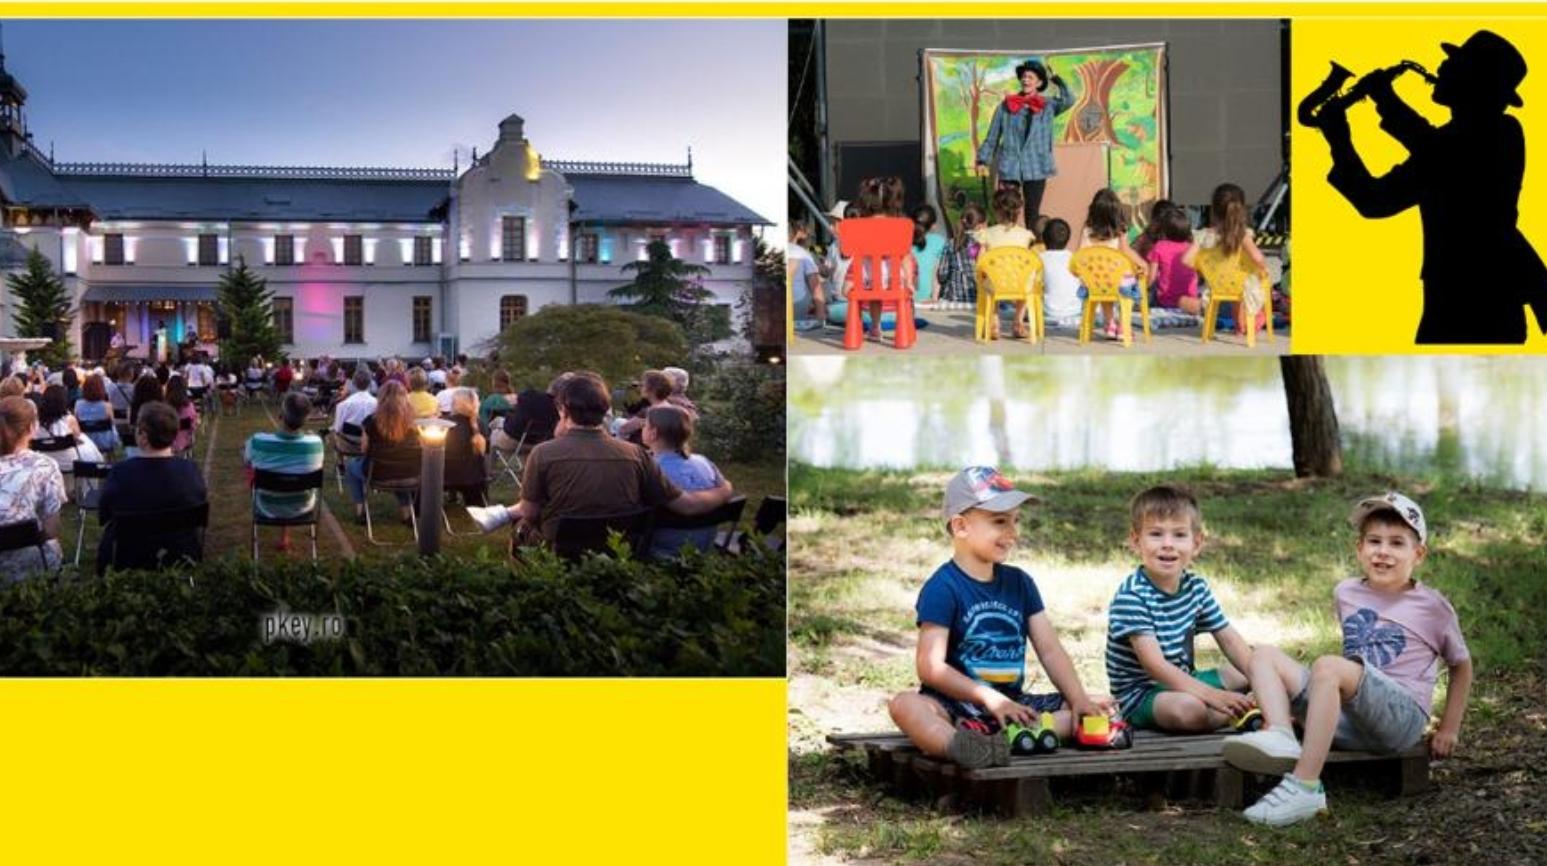 Concerte de rock și jazz, filme și proiecte educaționale, gratis, toată luna iulie, la Buzău. Oferta culturală, comunicată de Primăria Buzău